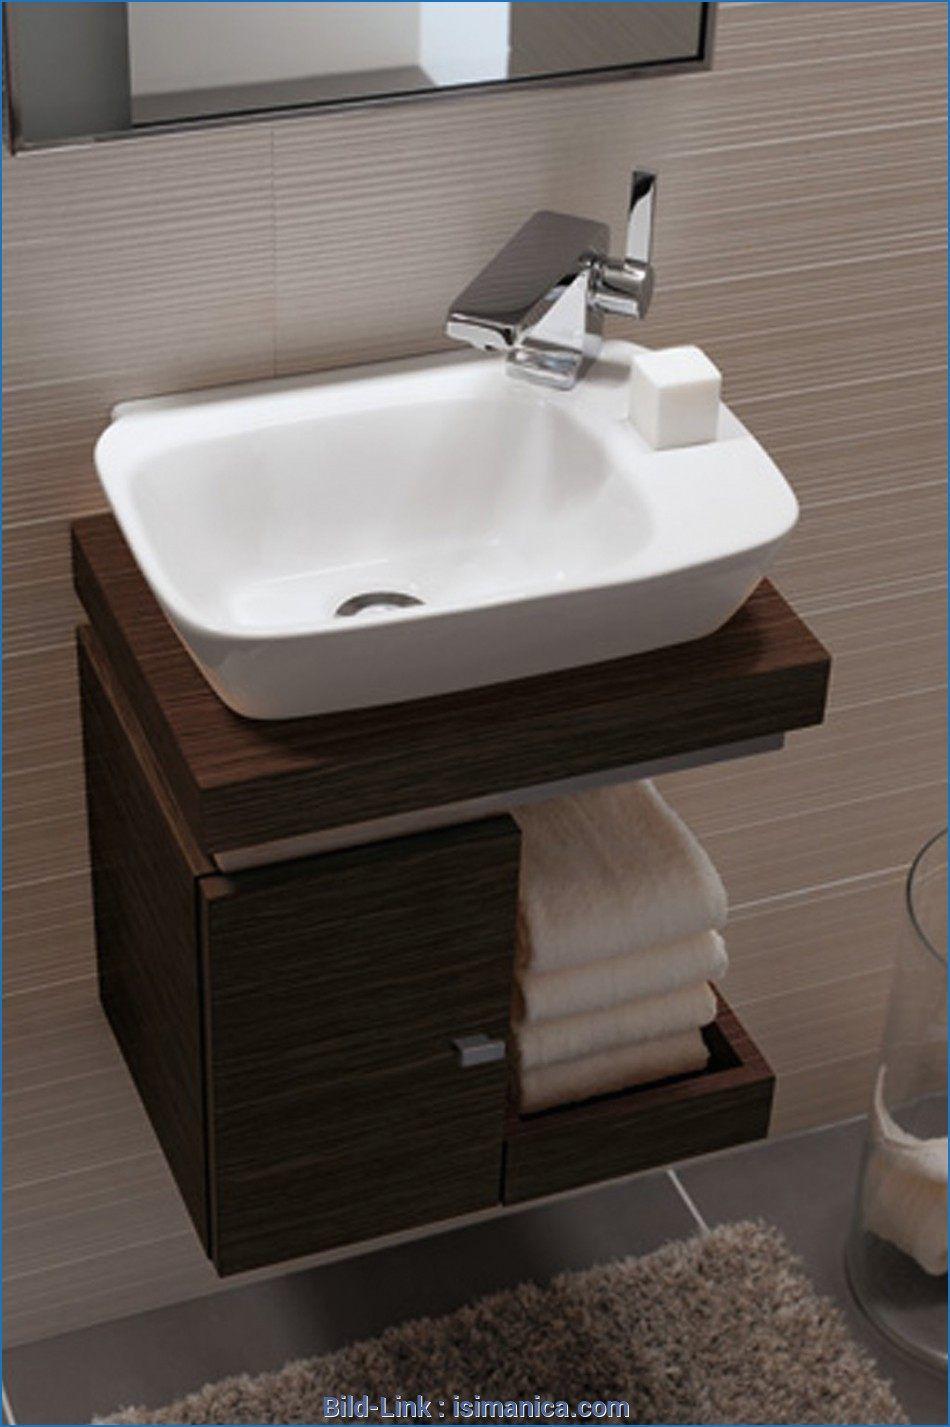 Kleider Vorne Kurz Hinten Lang Gunstig Handwaschbecken Gaste Wc Wc Waschbecken Waschbecken Gaste Wc